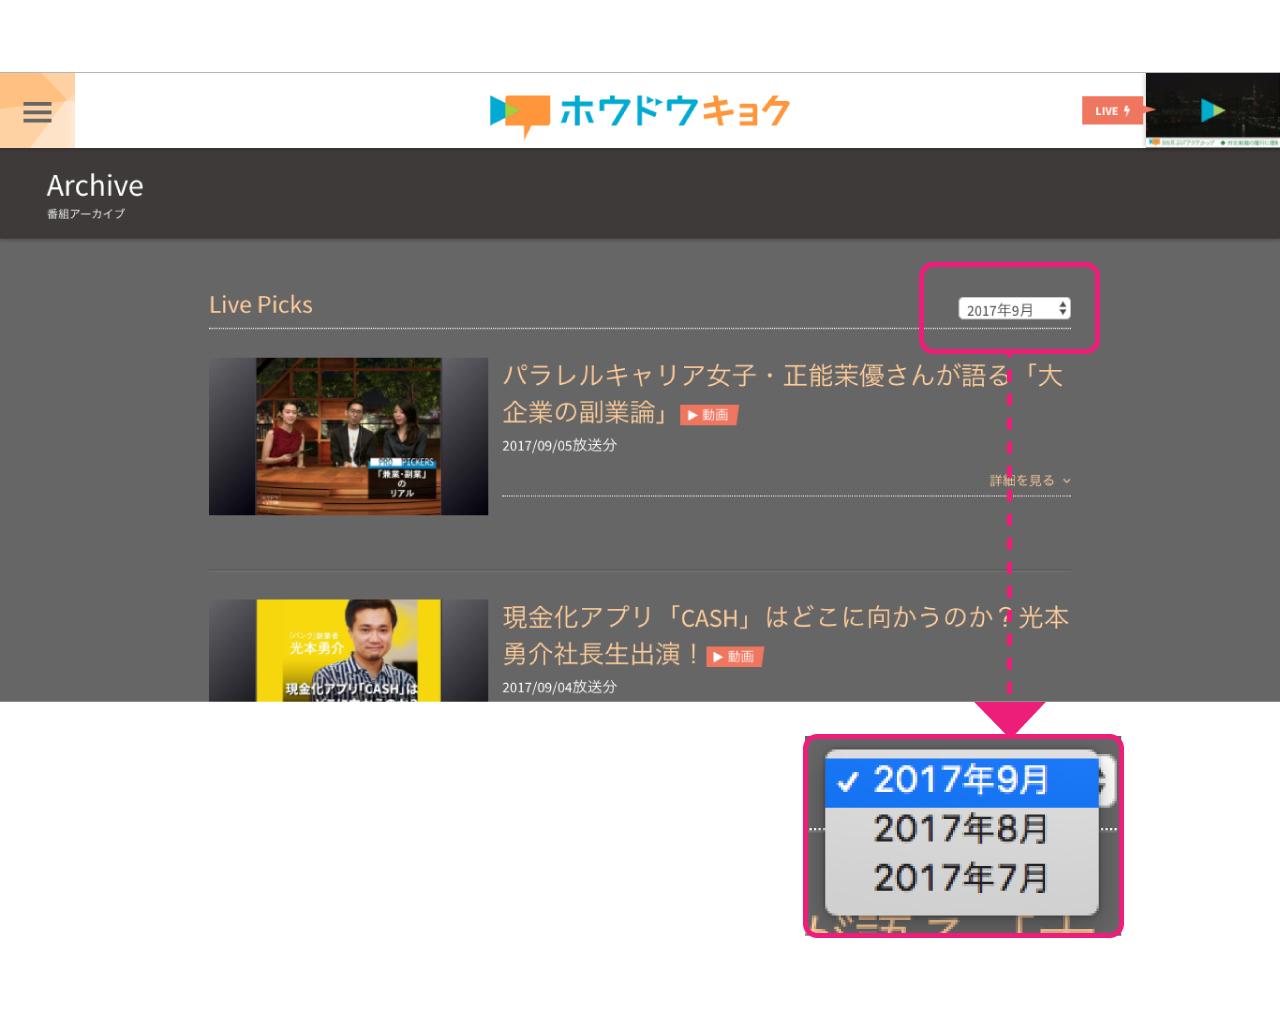 newspicks-livepicks-archive-watch-houdoukyoku-2